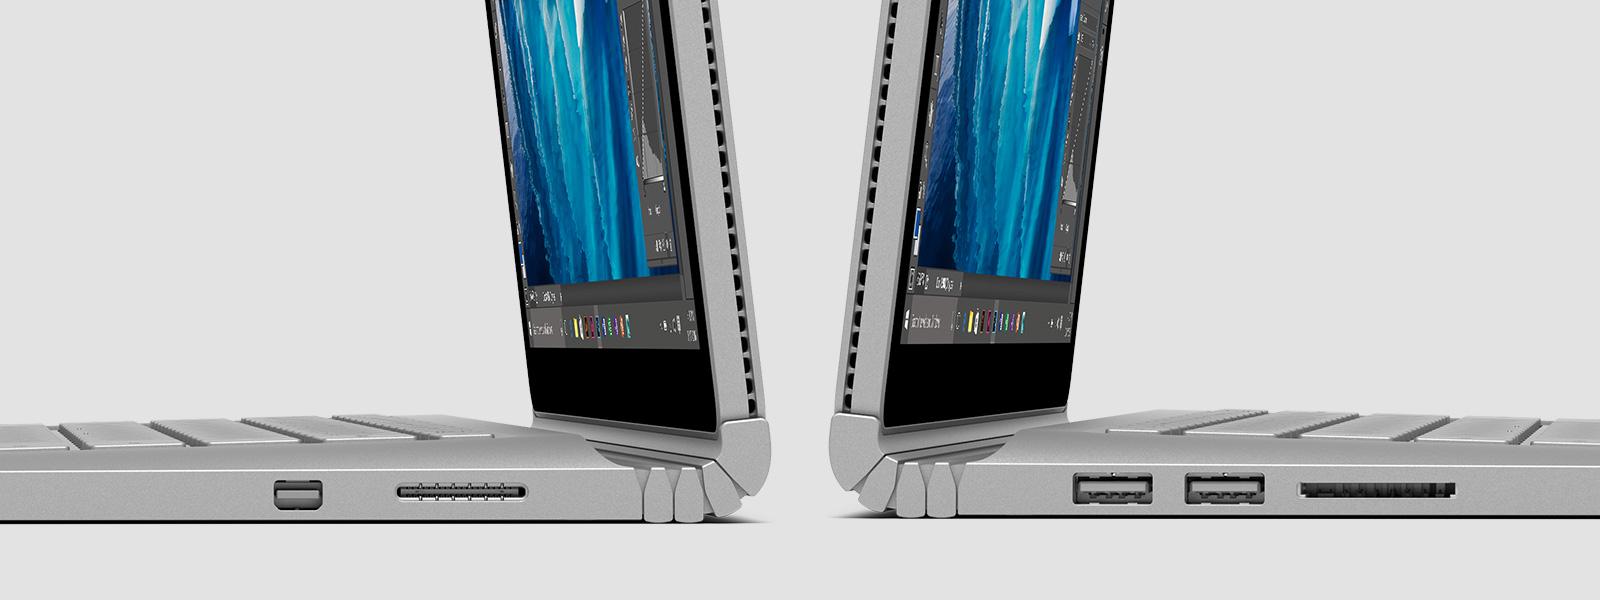 Seitenansicht zweier Surface Books, Rückseite an Rückseite, mit Blick auf das Scharnier und externe Anschlüsse